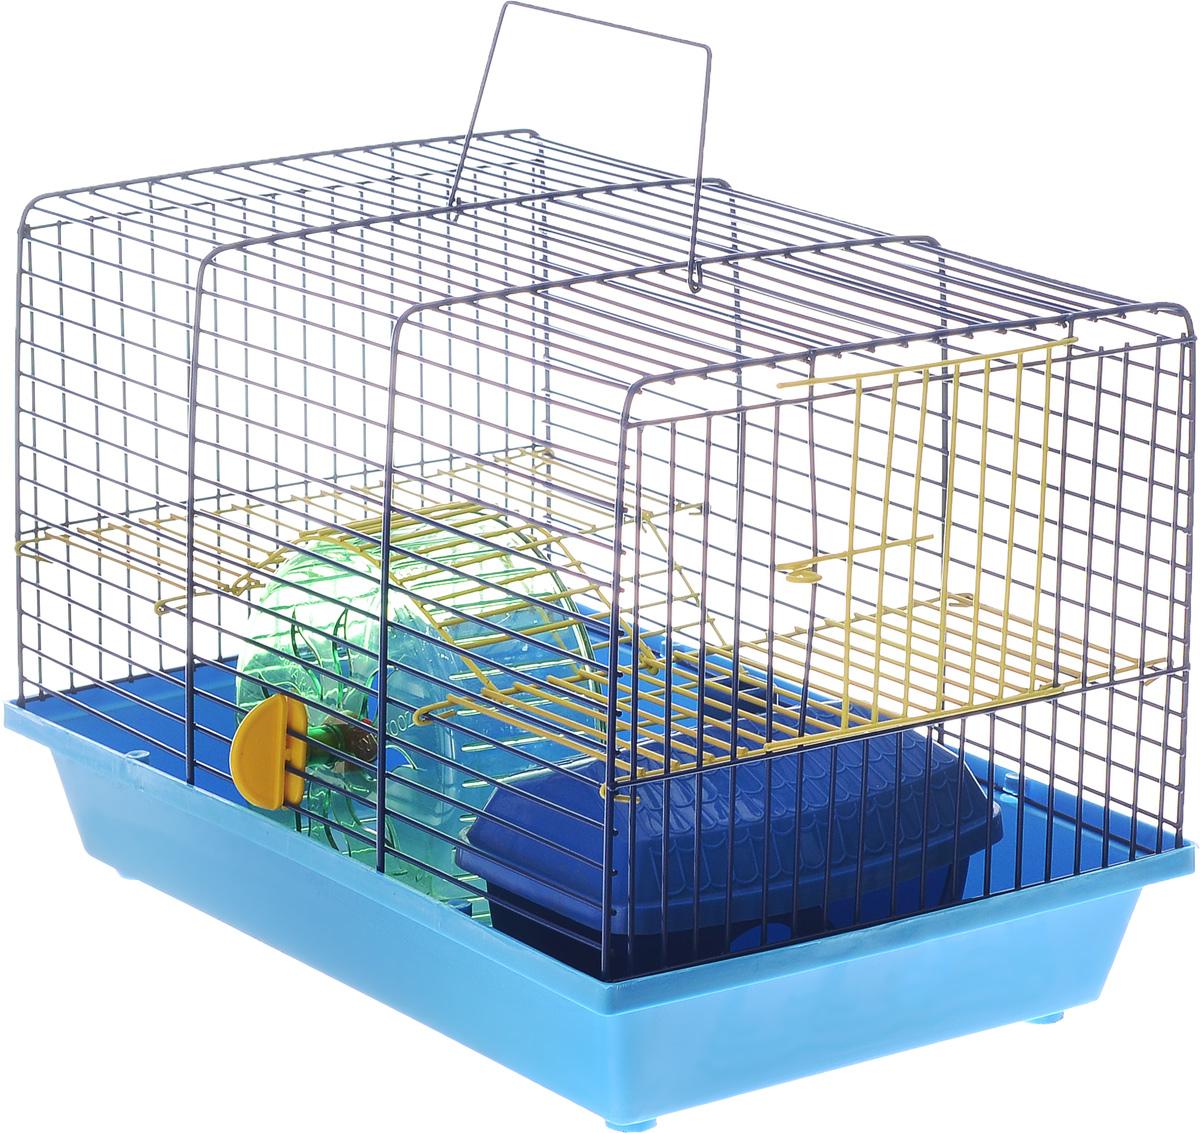 Клетка для грызунов Зоомарк  Венеция , 2-этажная, цвет: синий поддон, синяя решетка, желтый этаж, 36 х 23 х 24 см - Клетки, вольеры, будки